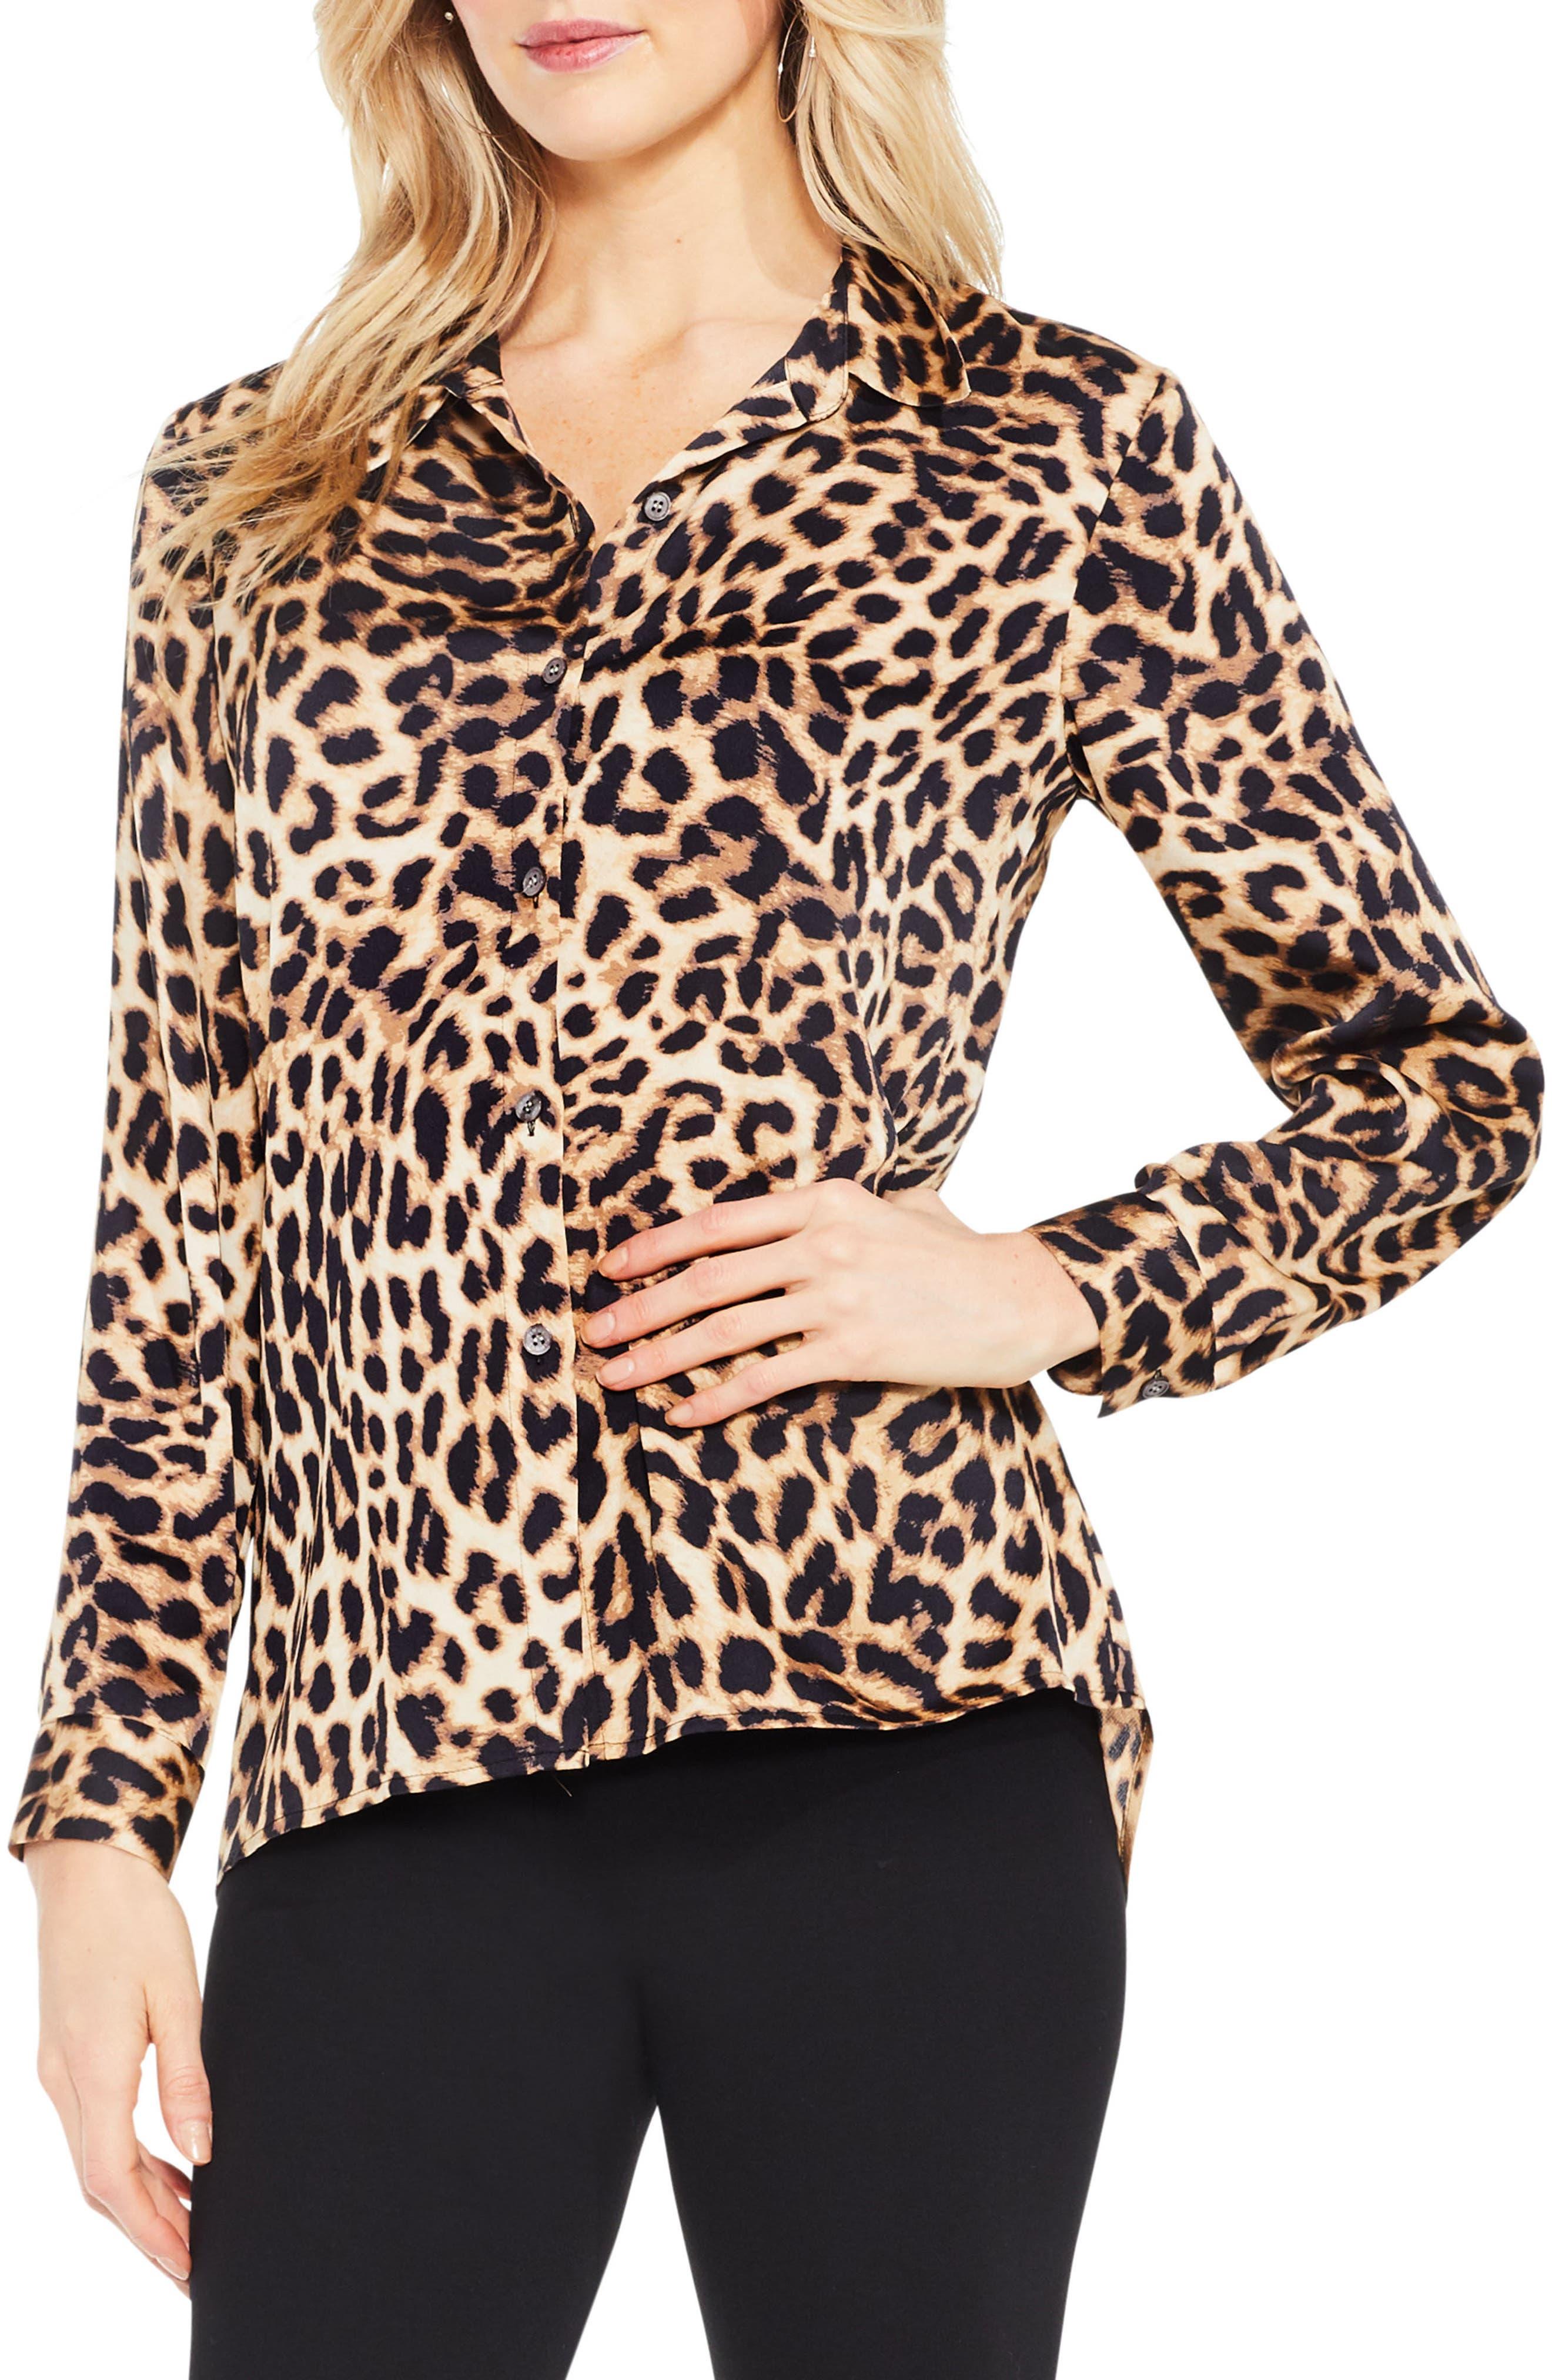 Leopard Print Blouse,                             Main thumbnail 1, color,                             Rich Black